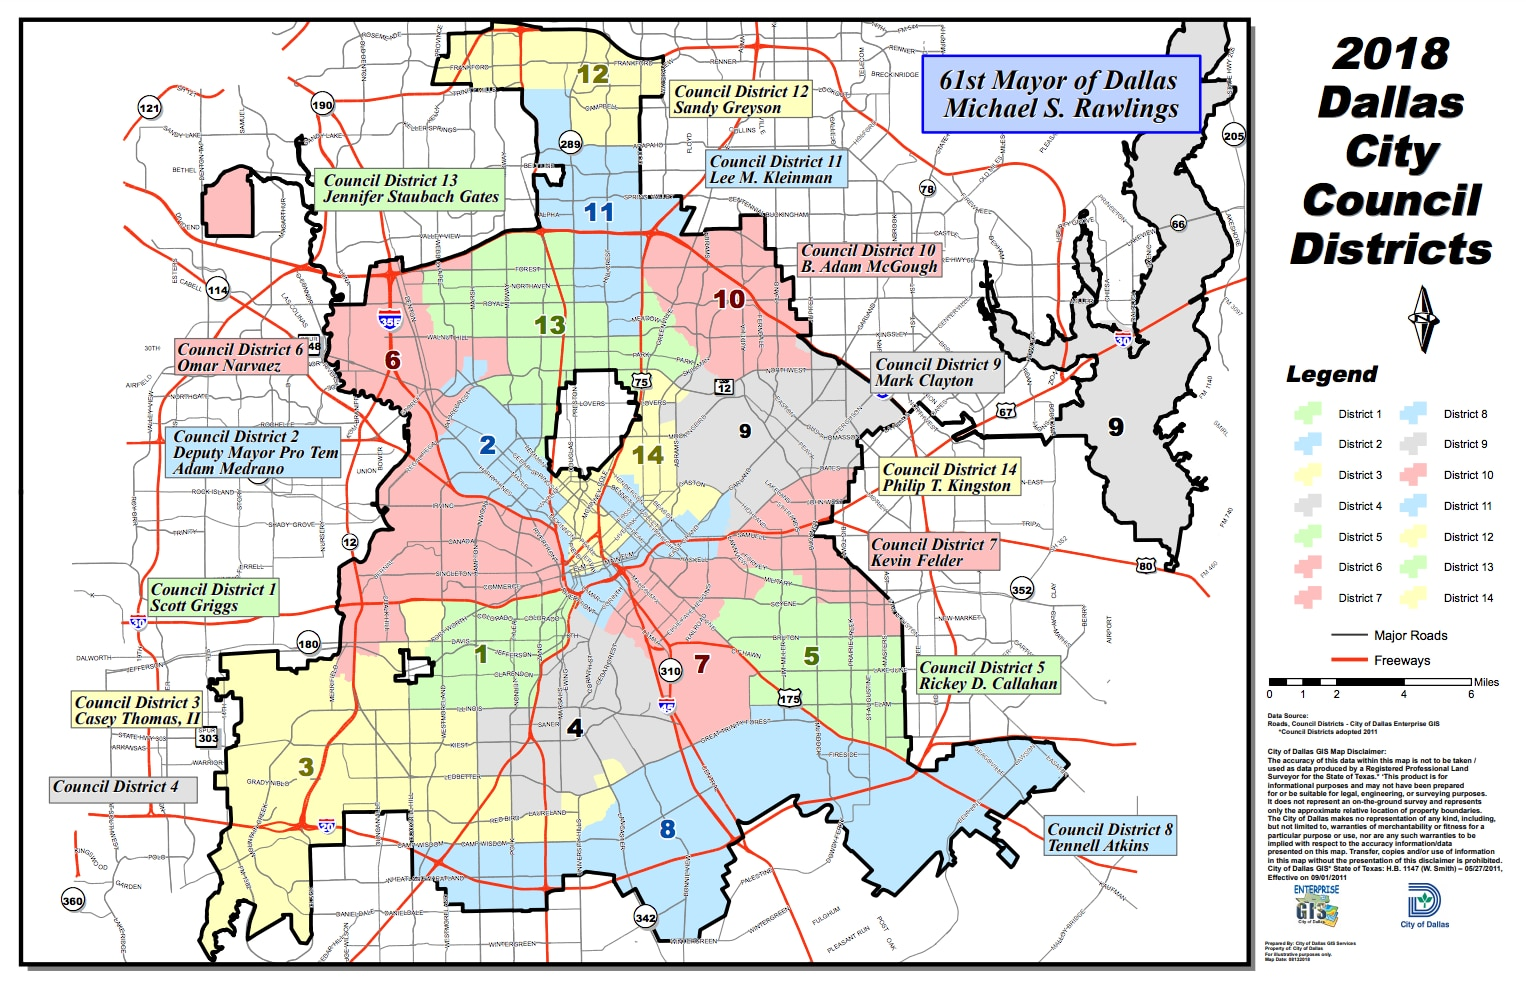 Así se dividen los 14 distritos de concejal de la municipalidad de Dallas. (Fuente: Dallas City Hall)